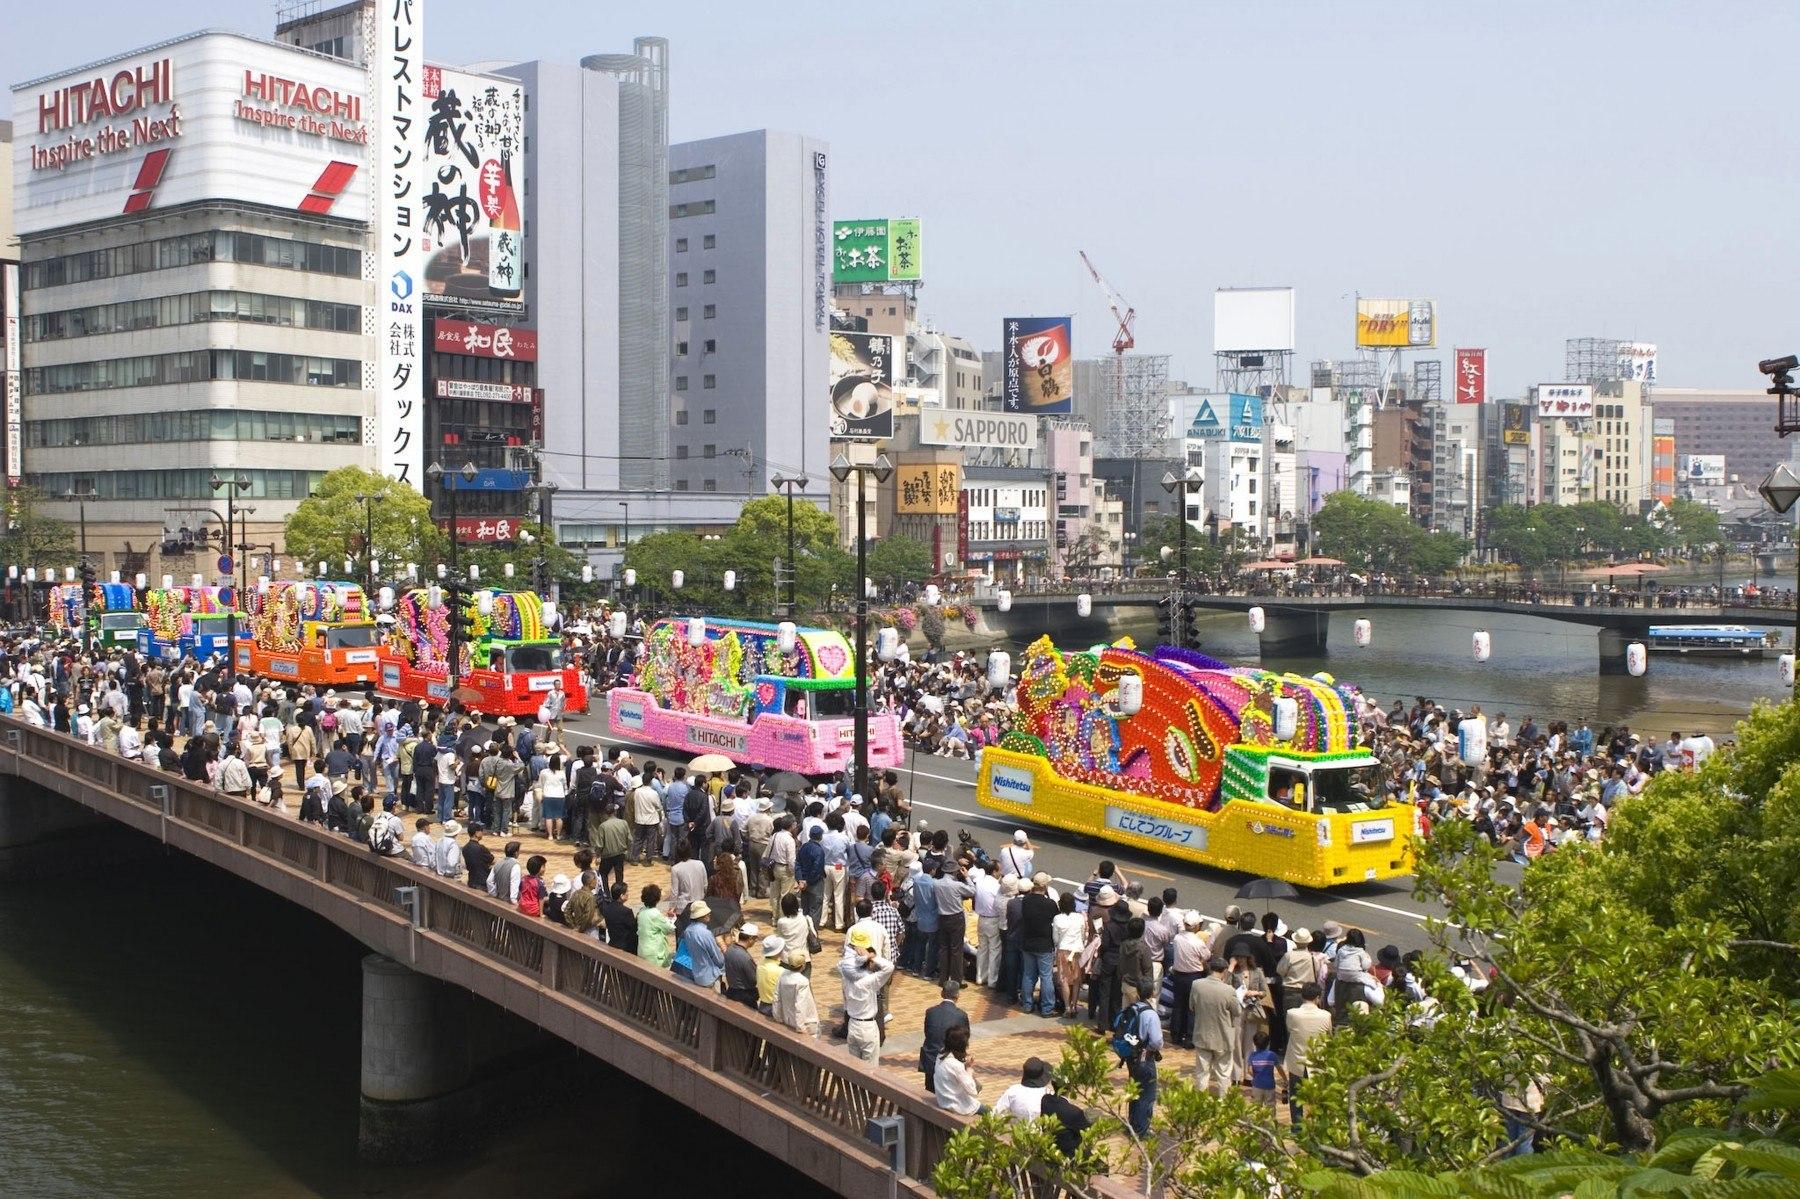 どんたく・花自動車のパレード(2007)の画像